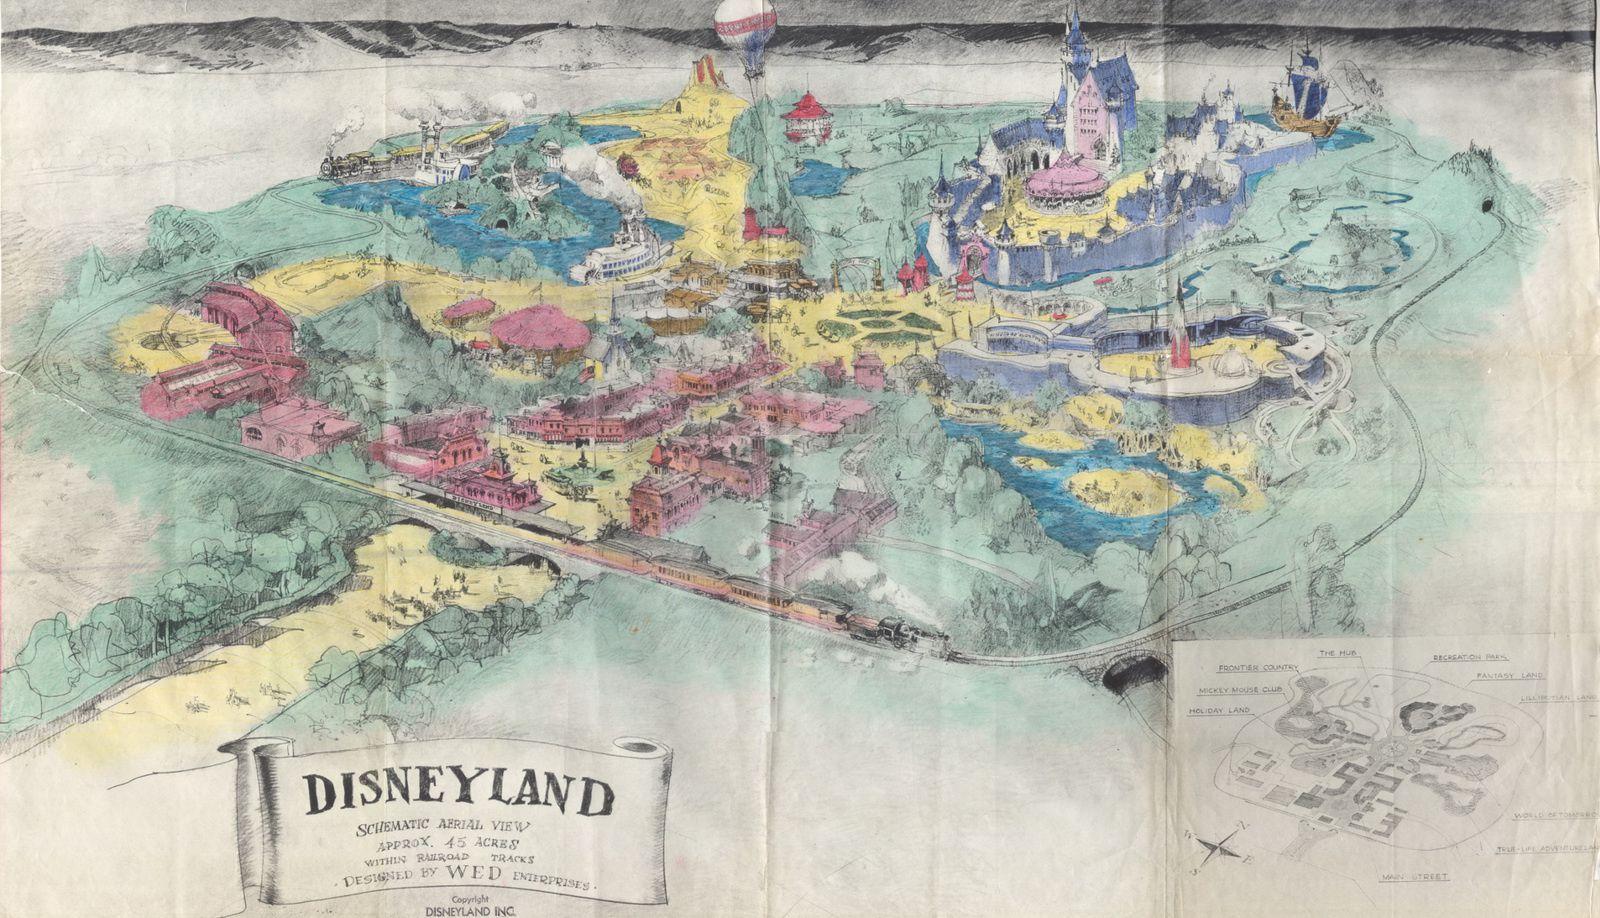 Le prospectus original de Disneyland rendu public !(1953)